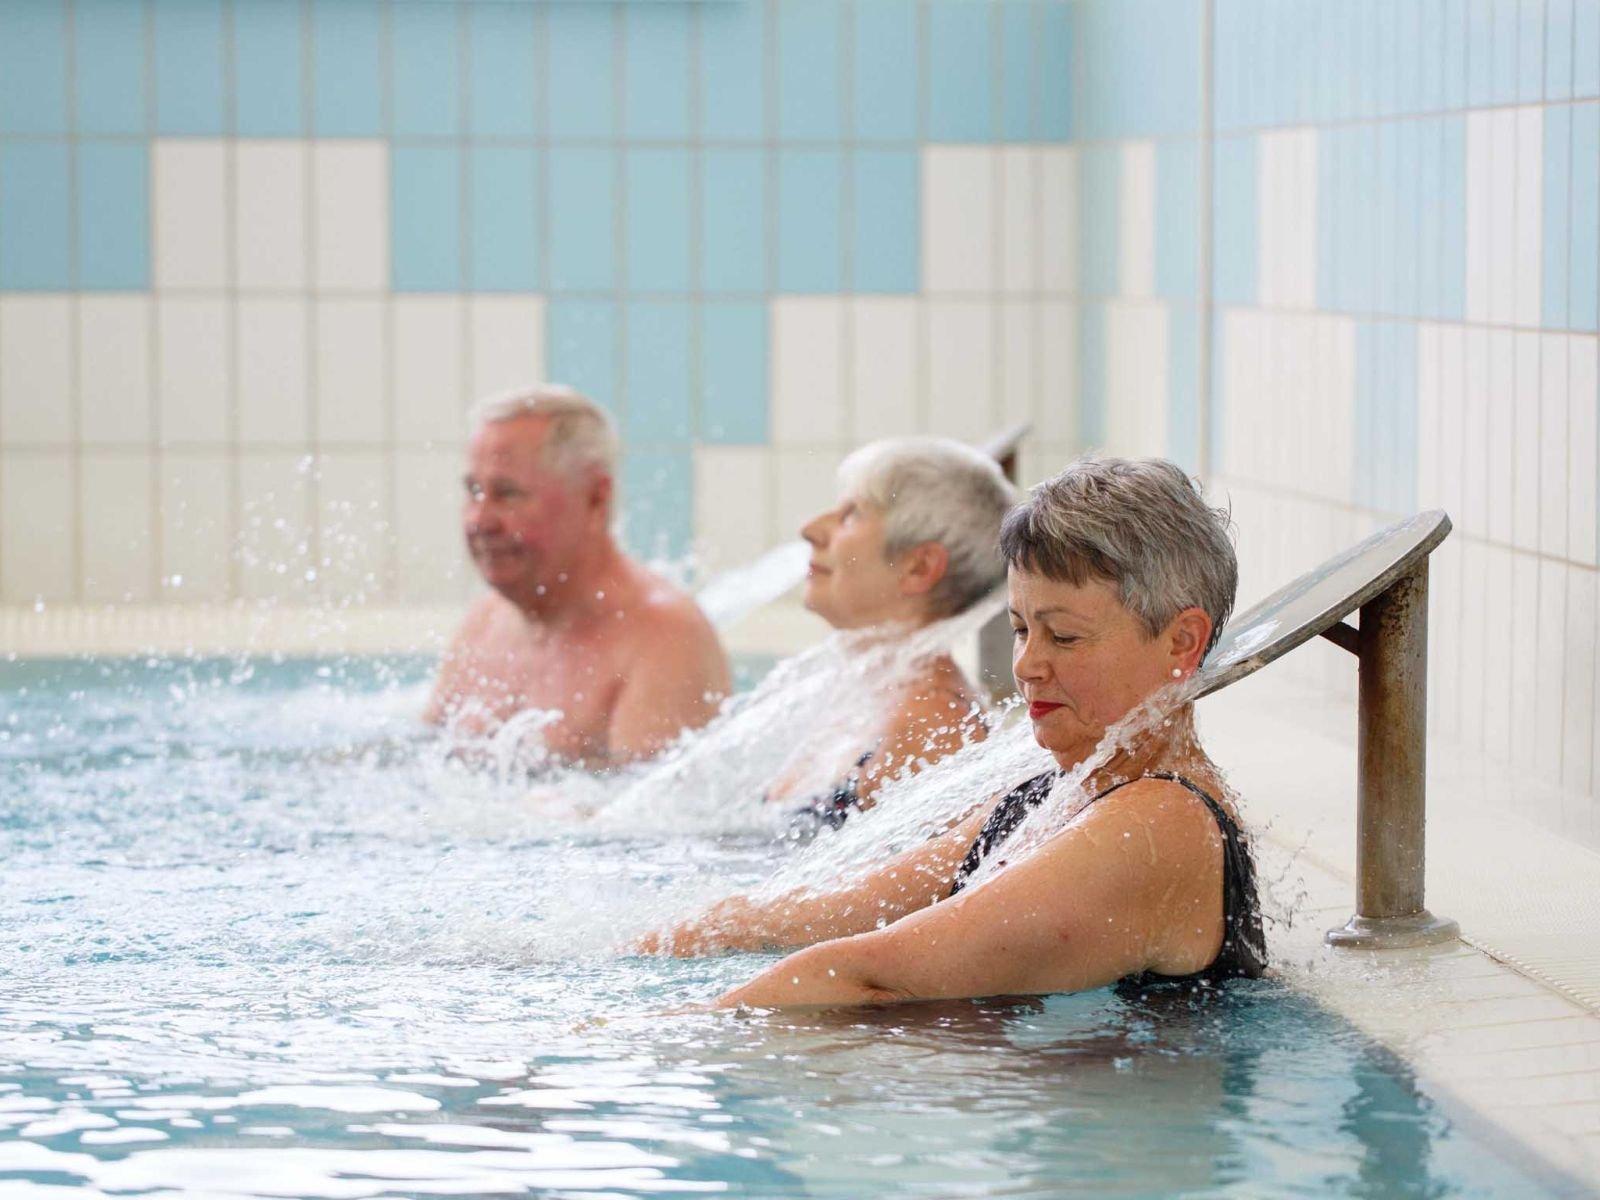 fürdés magas vérnyomás esetén magas vérnyomás magas vérnyomás krízis